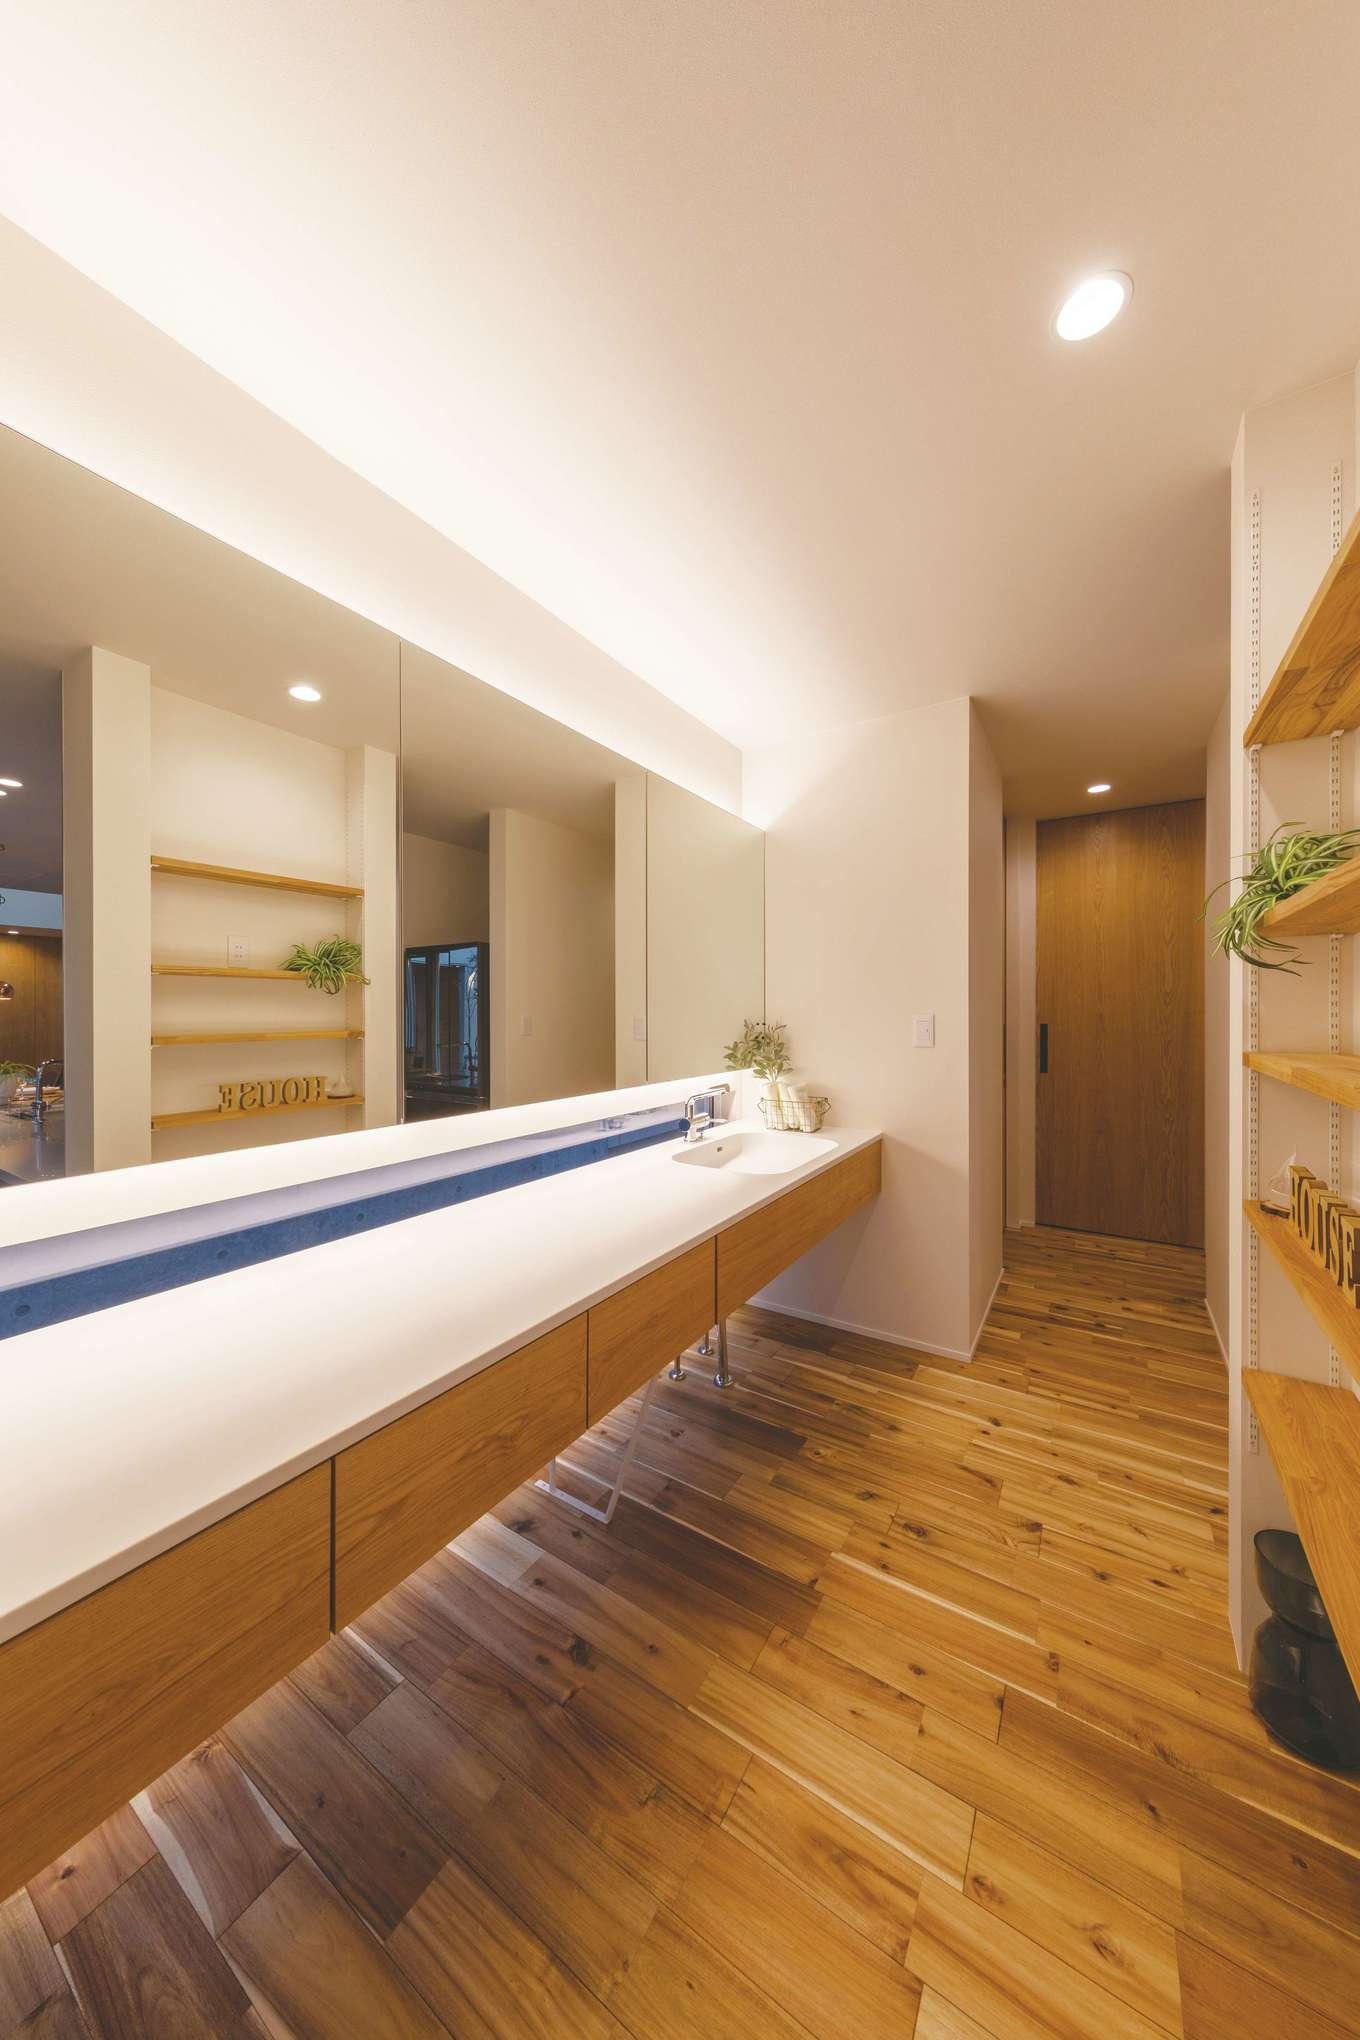 住家 ~JYU-KA~【デザイン住宅、間取り、建築家】洗面所は水回りと寝室の動線上のオープンスペースに。天井と床に仕込んだ間接照明がアクセント